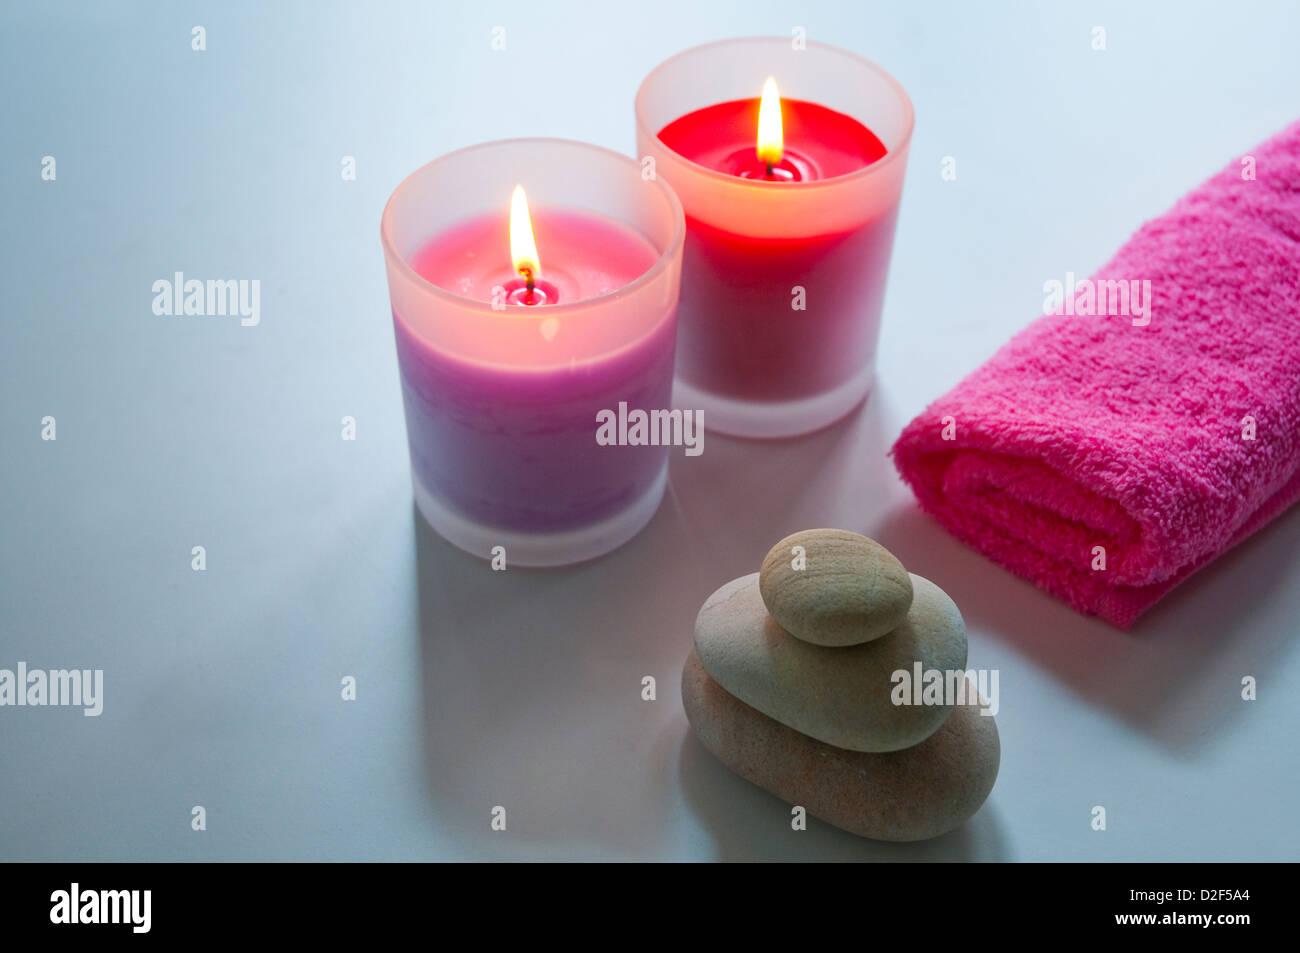 Dos encendió velas, equilibrio, piedras y una toalla. Imagen De Stock